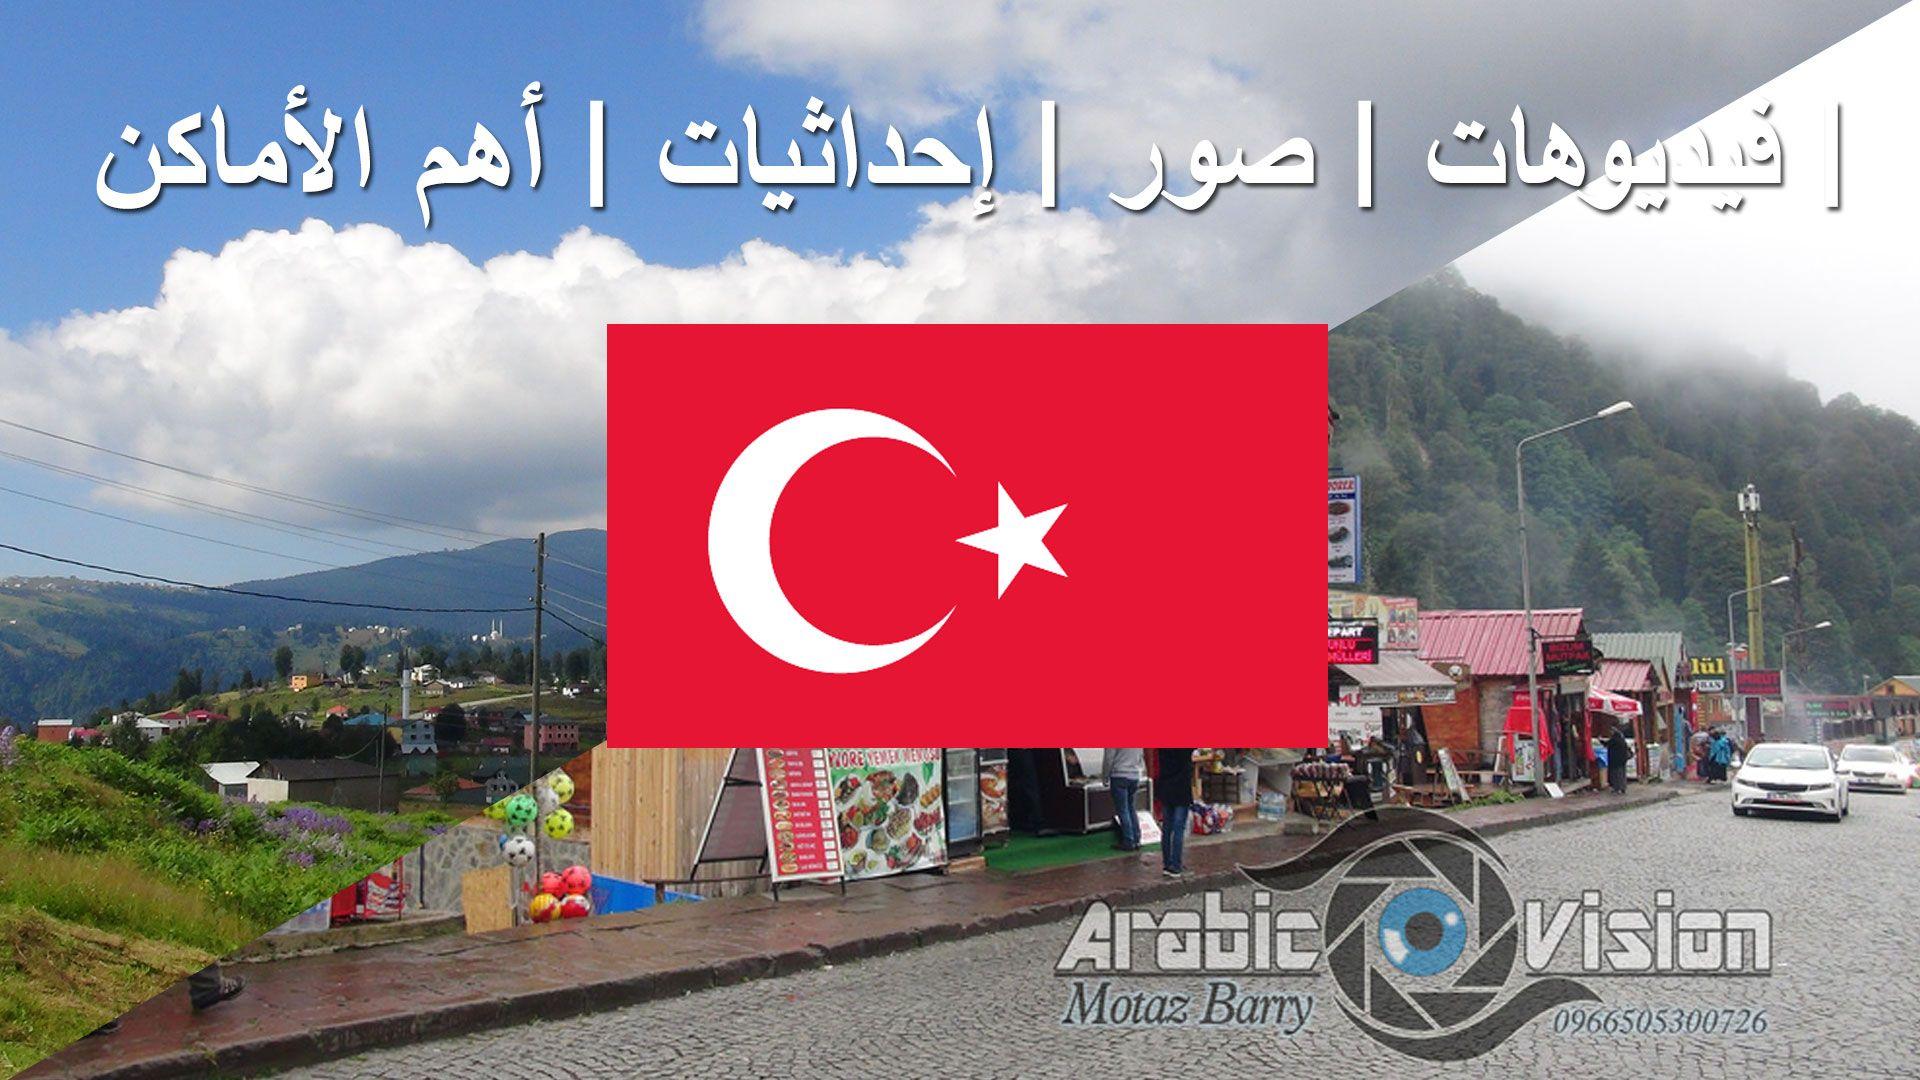 تركيا يوتيوب معلومات صور إحداثيات فيديو معلومات رؤية عربية Photo Turkey Travel Youtube